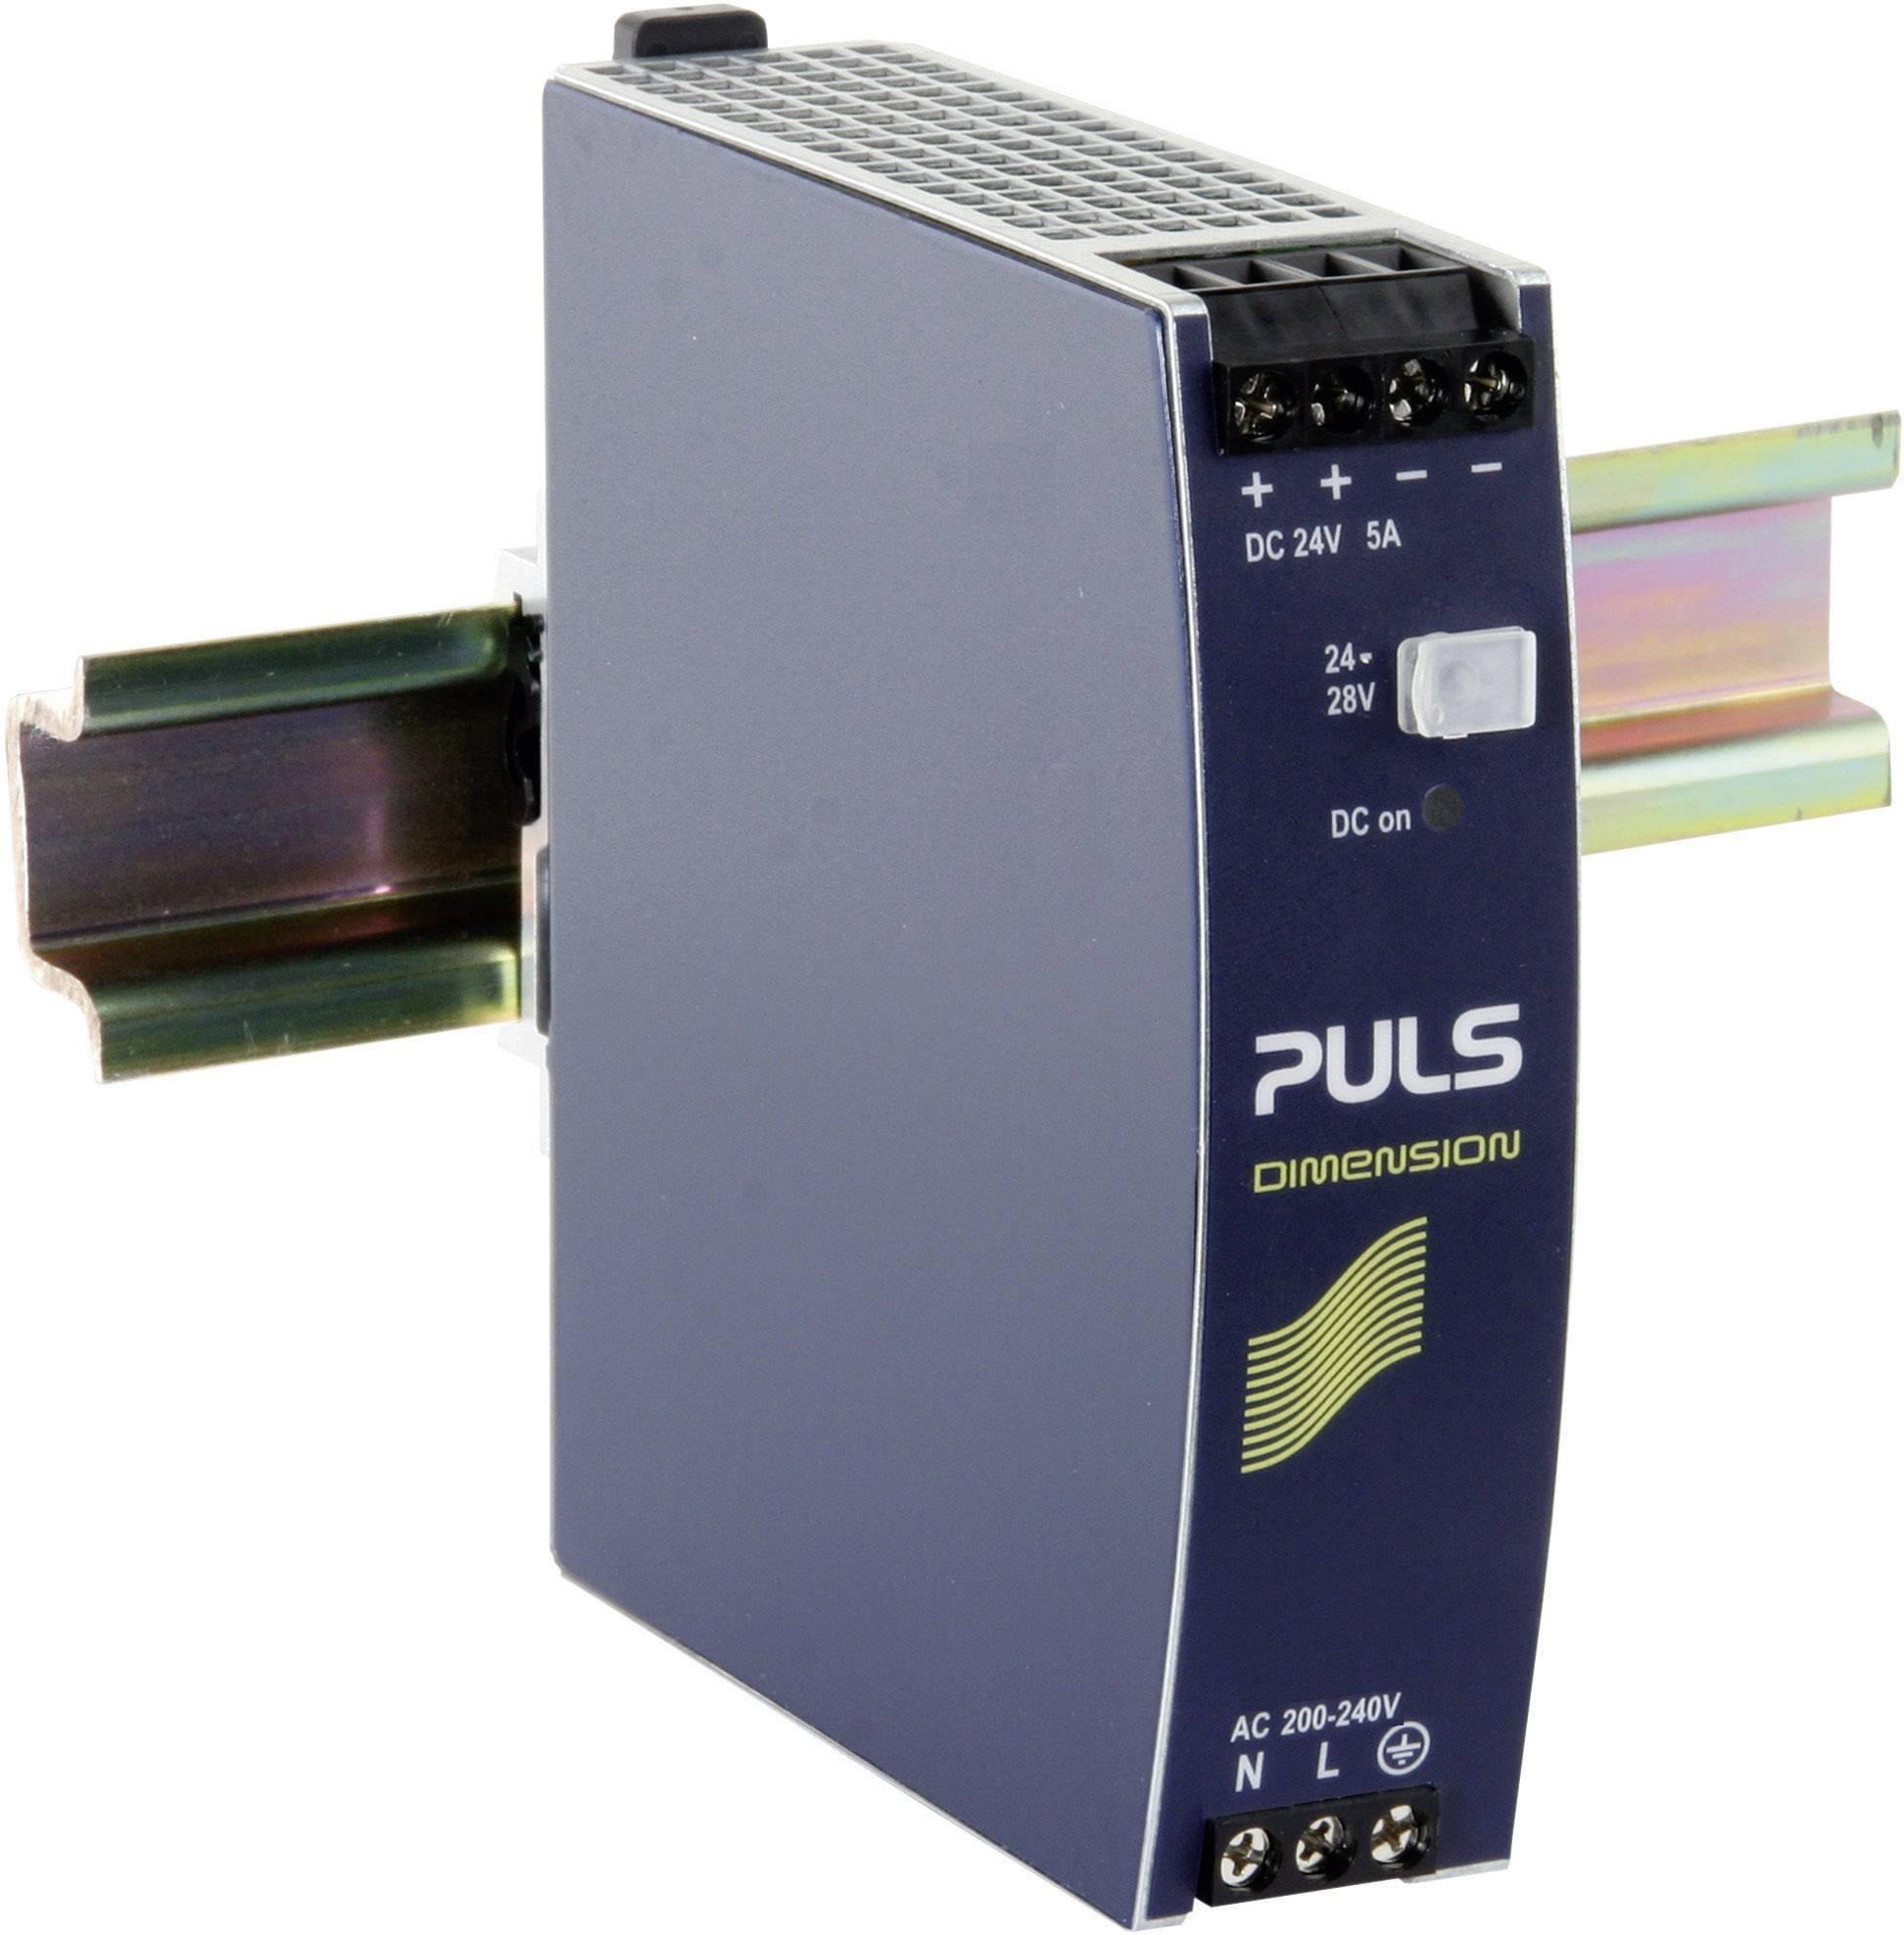 Sieťový zdroj na montážnu lištu (DIN lištu) PULS DIMENSION CS5.244, 1 x, 24 V/DC, 5 A, 120 W